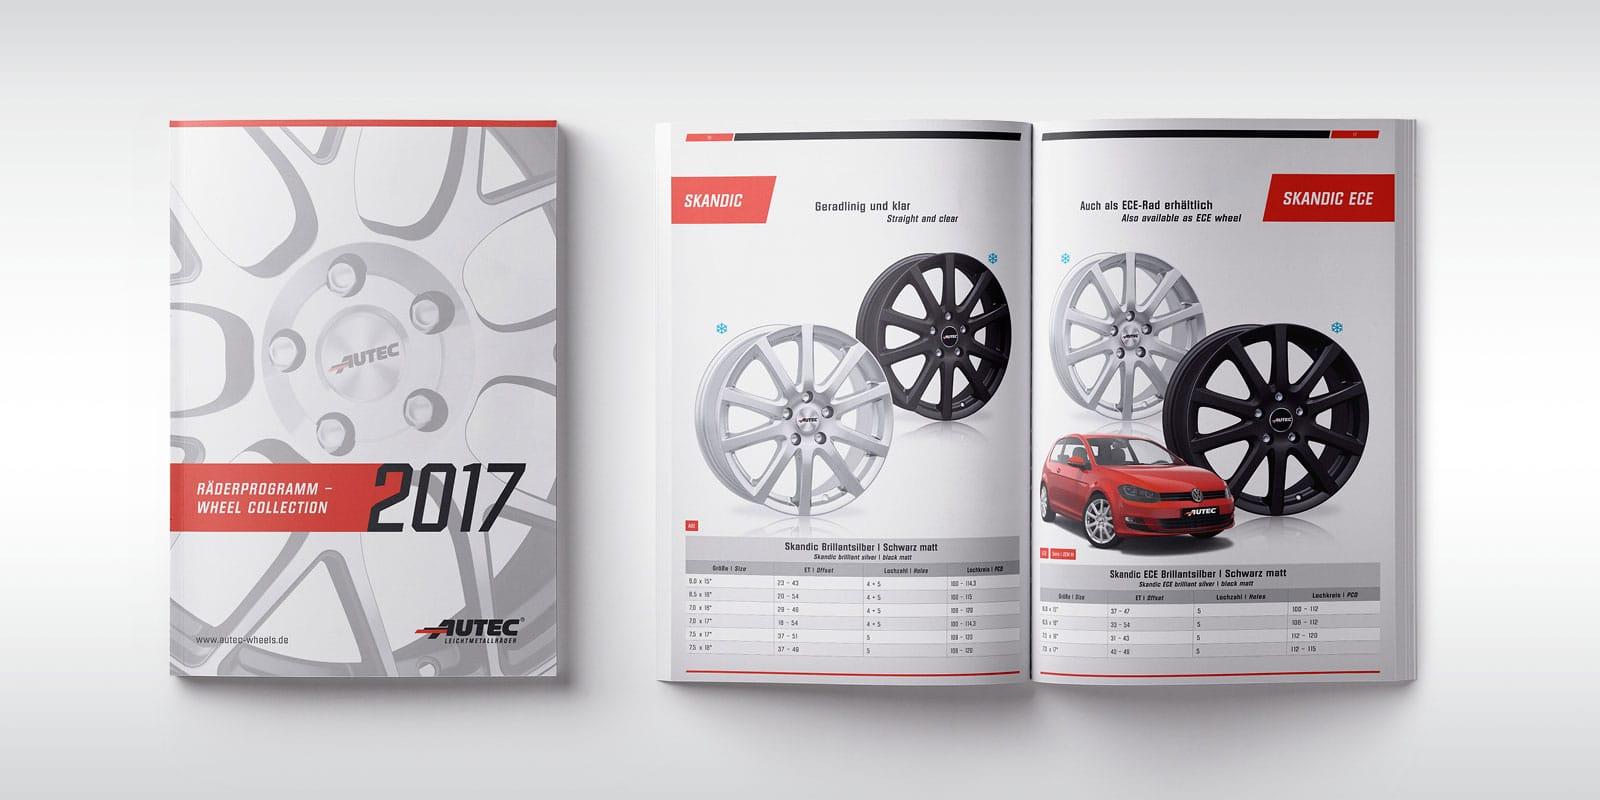 Autec – Räderprogramm Sommer